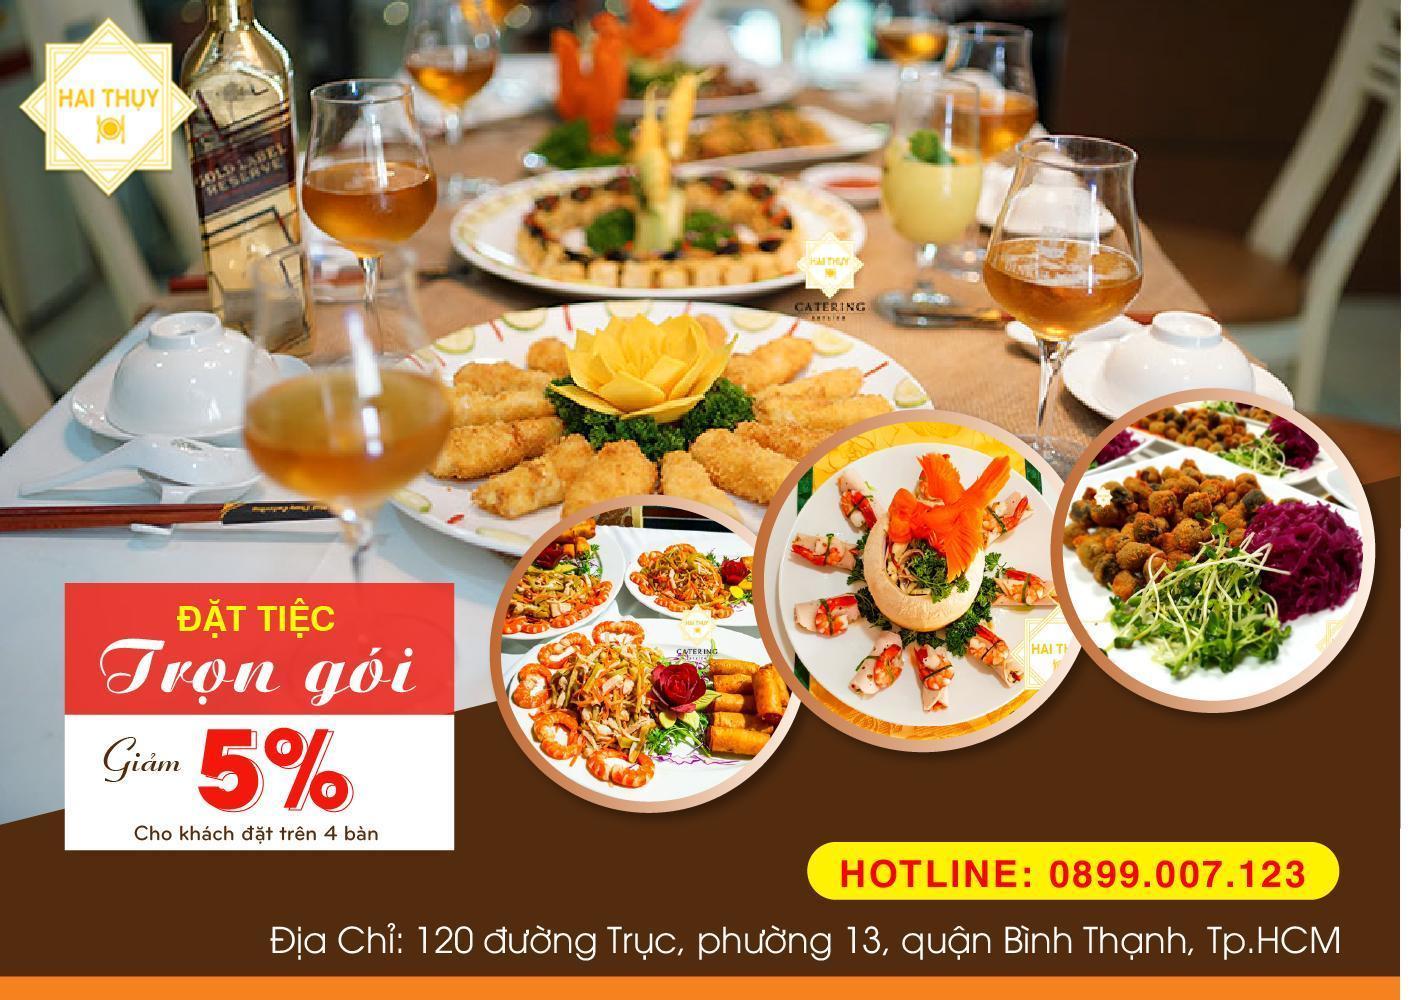 Tận hưởng trọn vẹn sự hoàn hảo từ dịch vụ đặt tiệc trọn gói Hai Thụy Catering